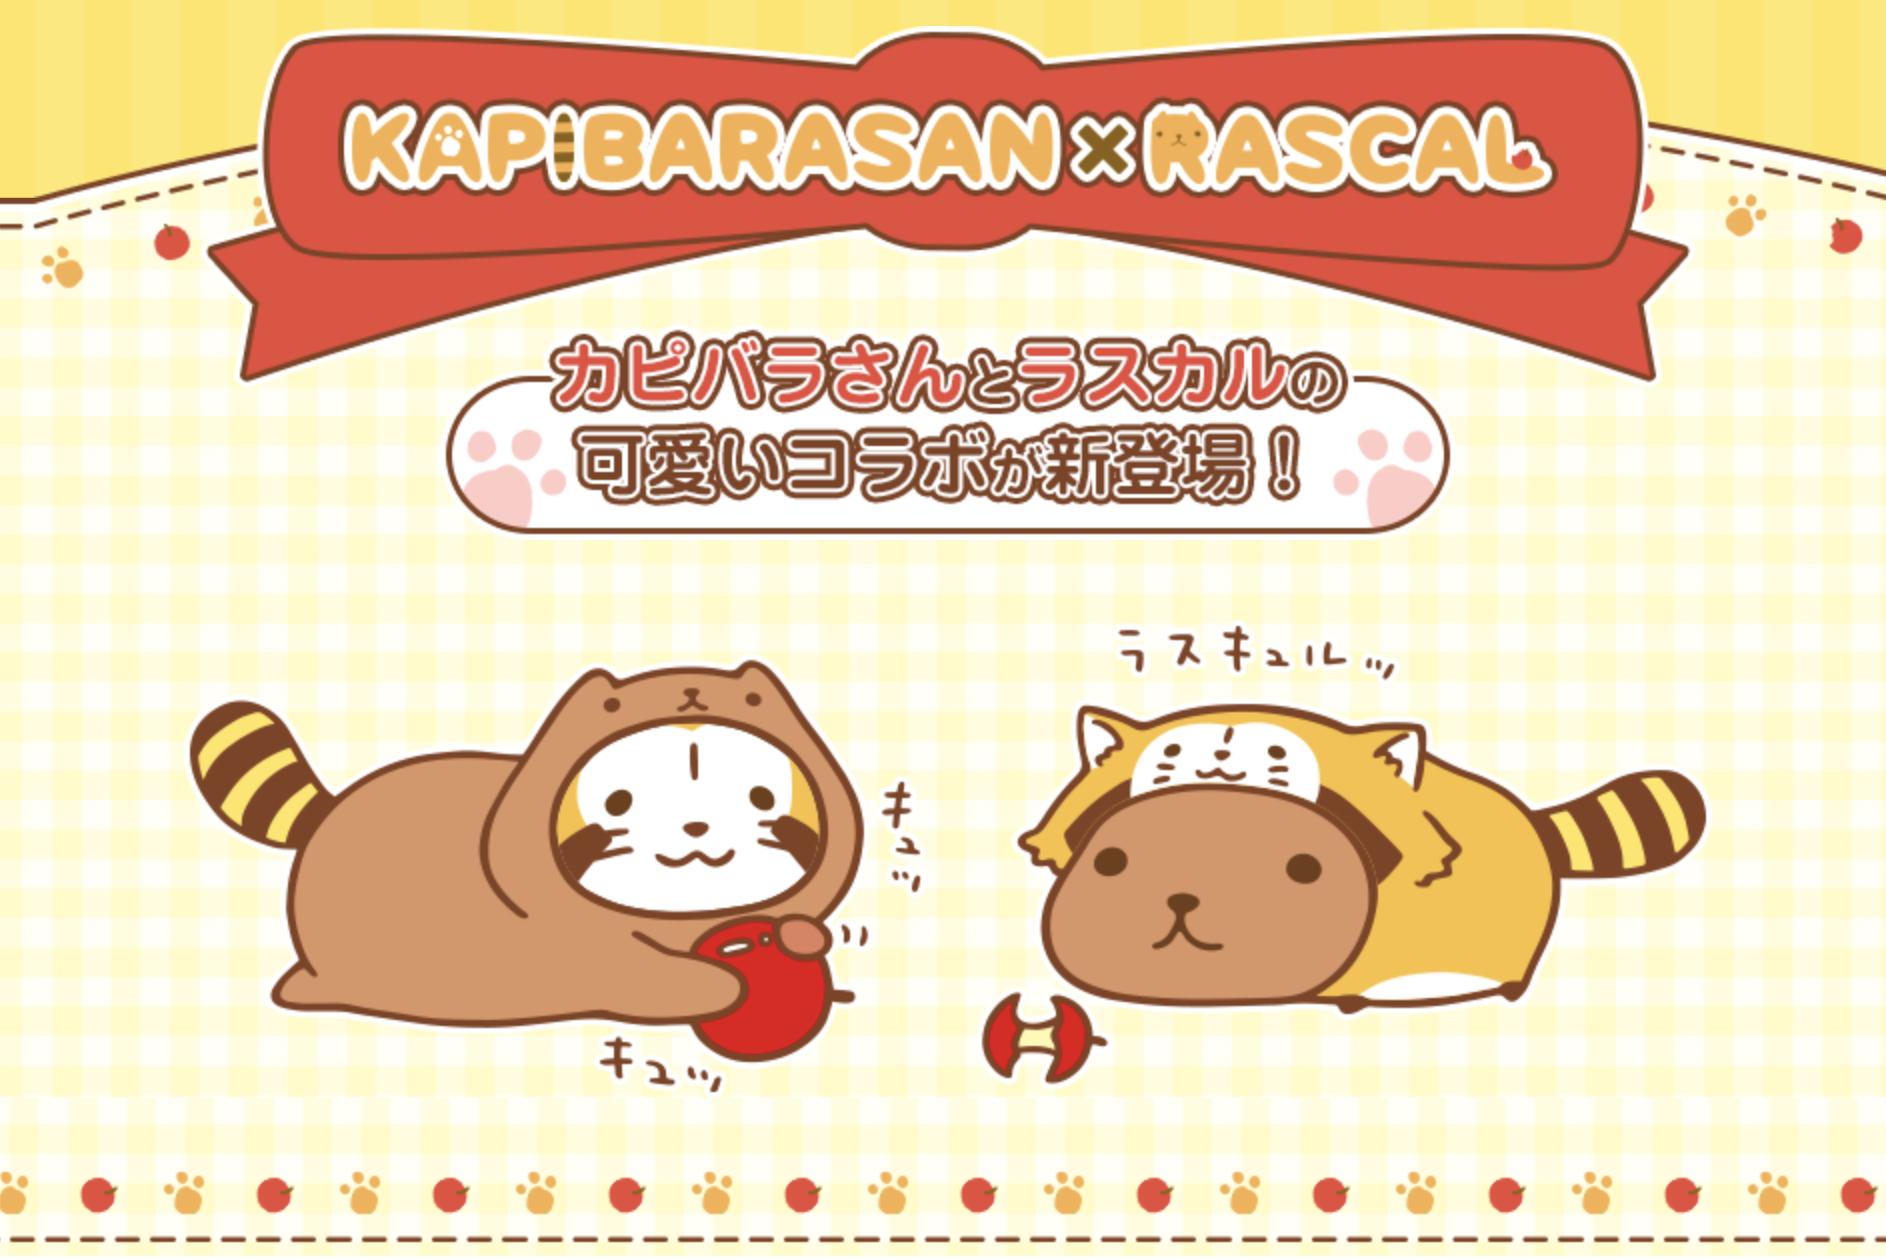 愛らしい「カピバラさん×ラスカル」のコラボグッズが発売!